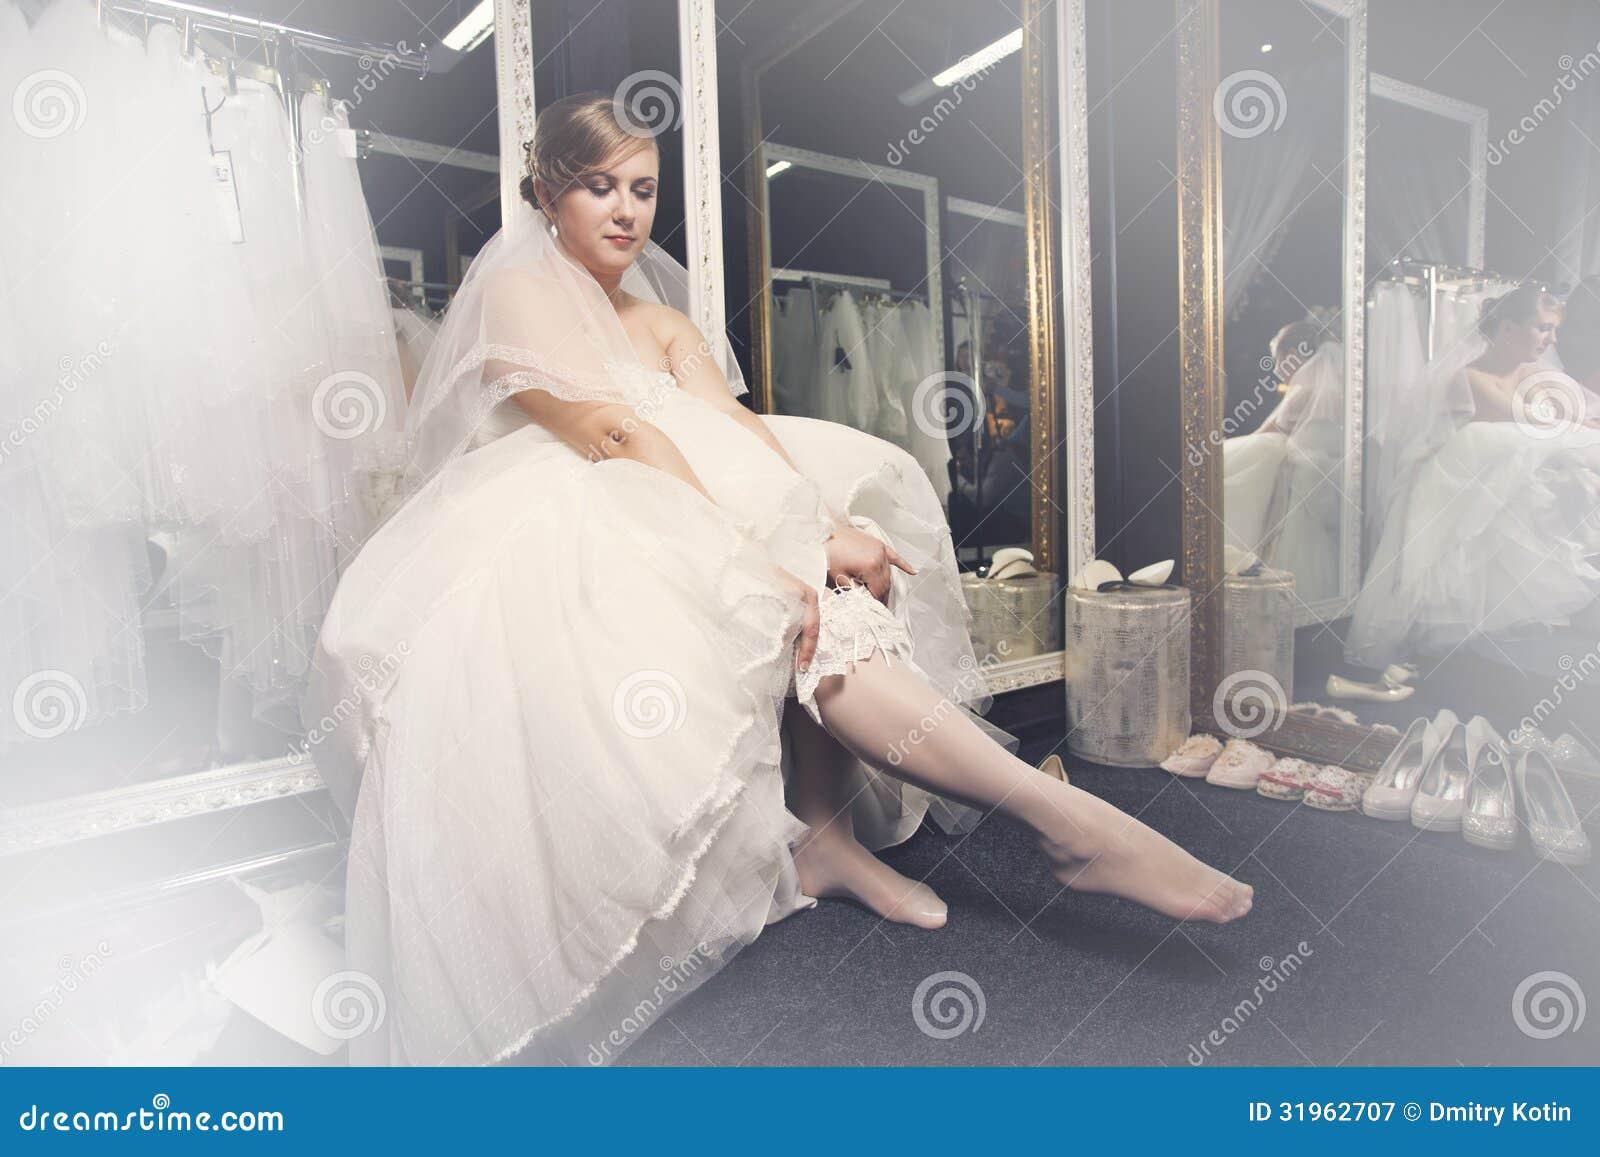 Фото невесты в чулках 22 фотография